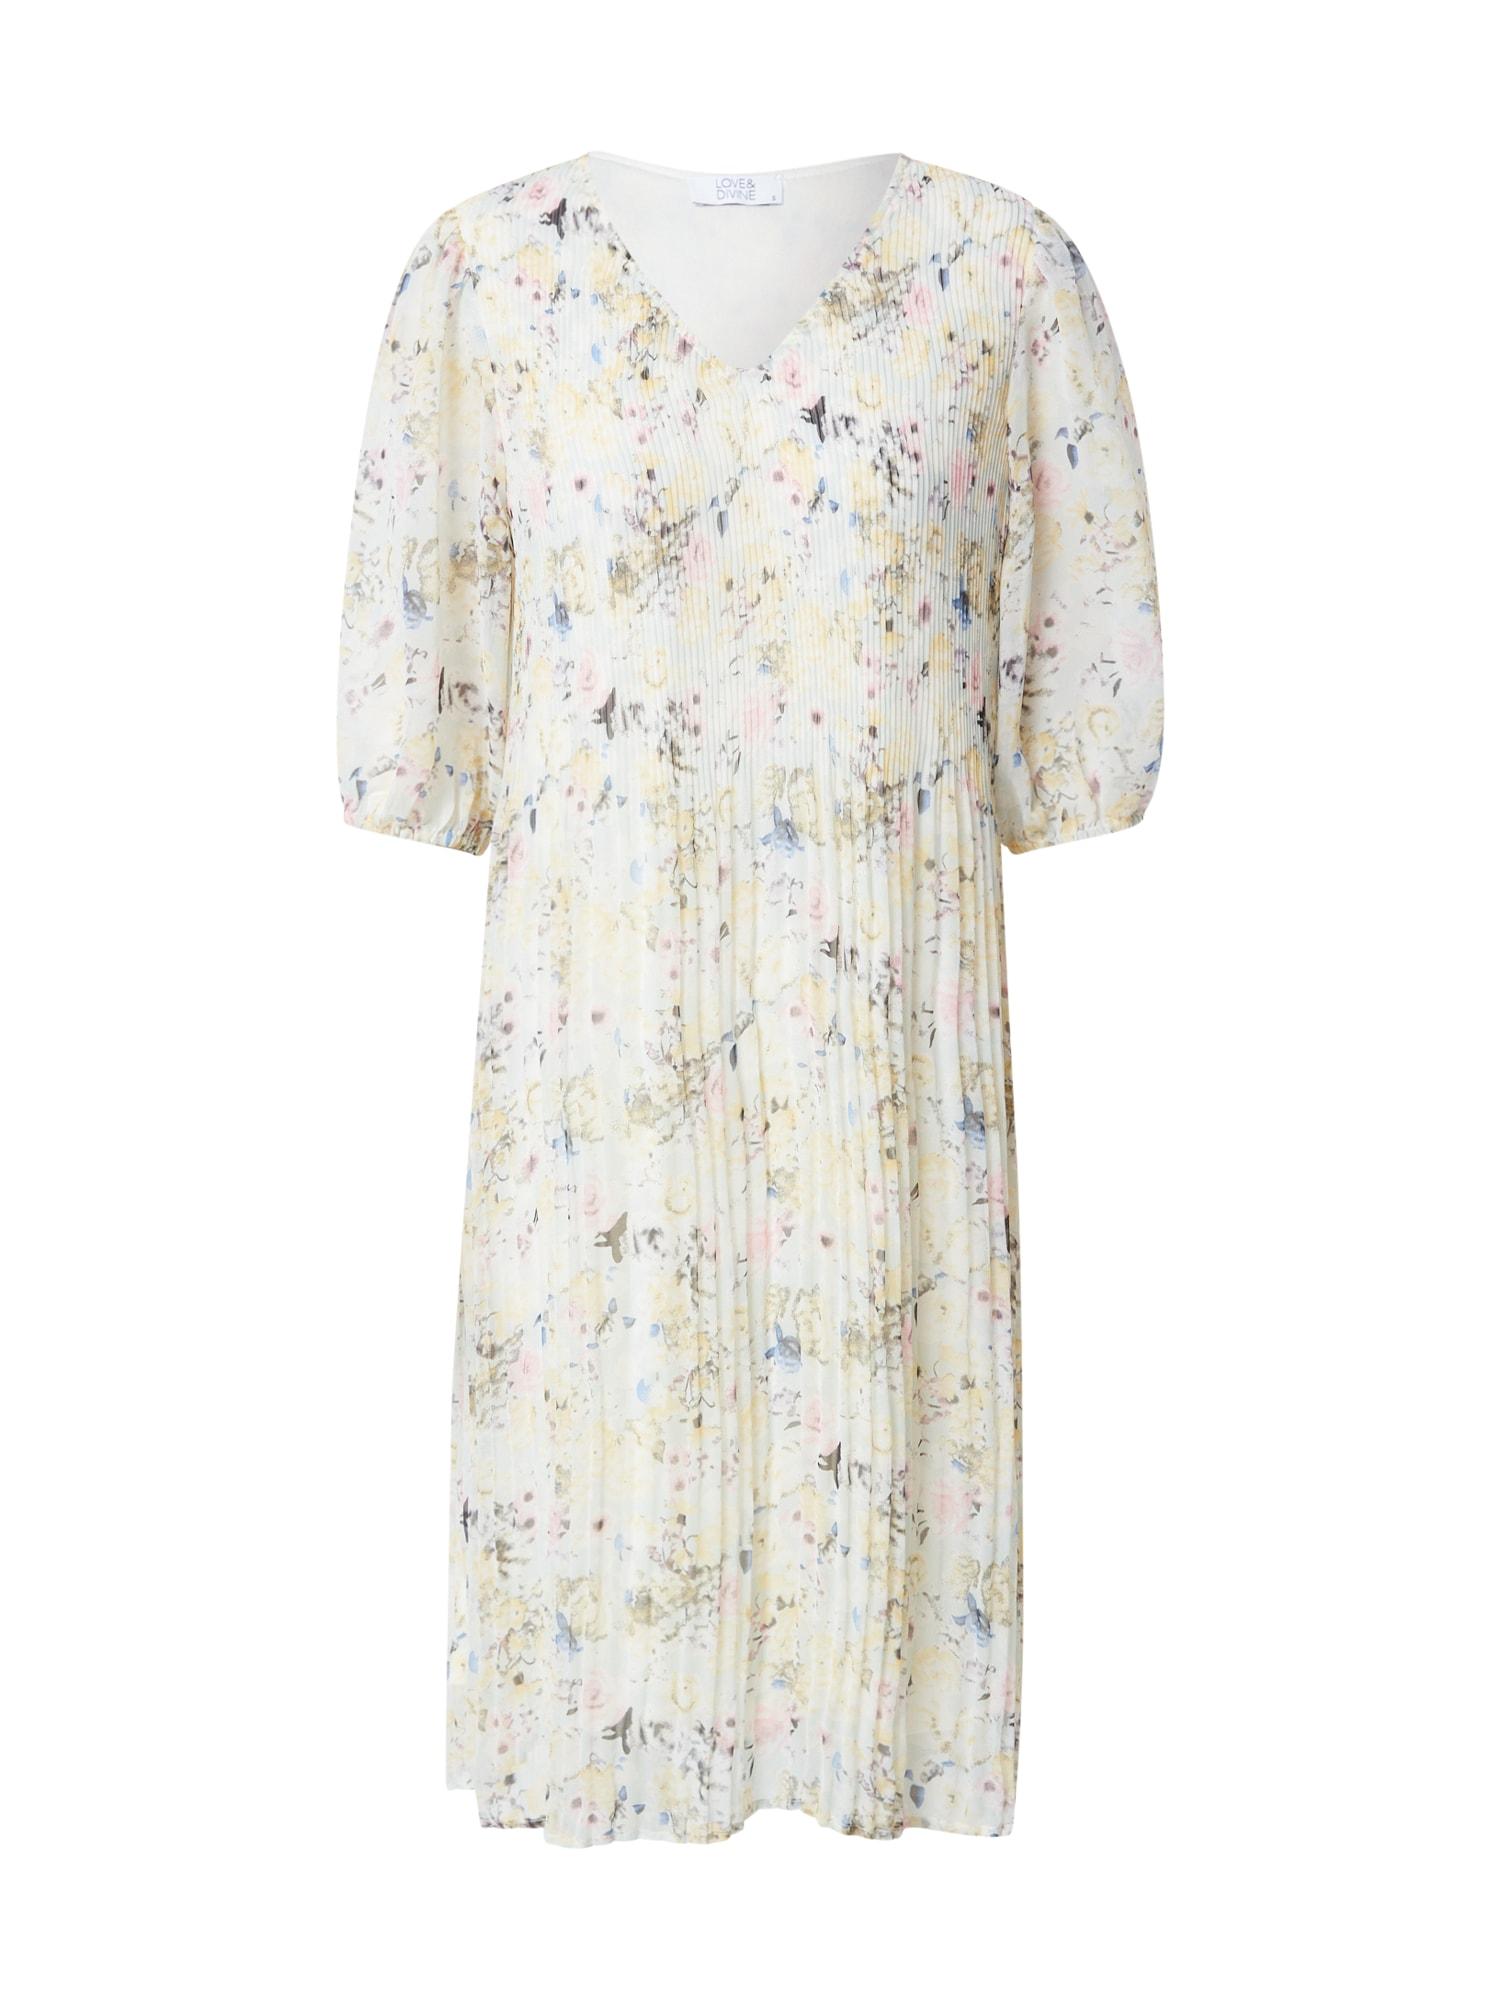 """Love & Divine Suknelė balta / pastelinė geltona / pastelinė rožinė / antracito spalva / sodri mėlyna (""""karališka"""")"""